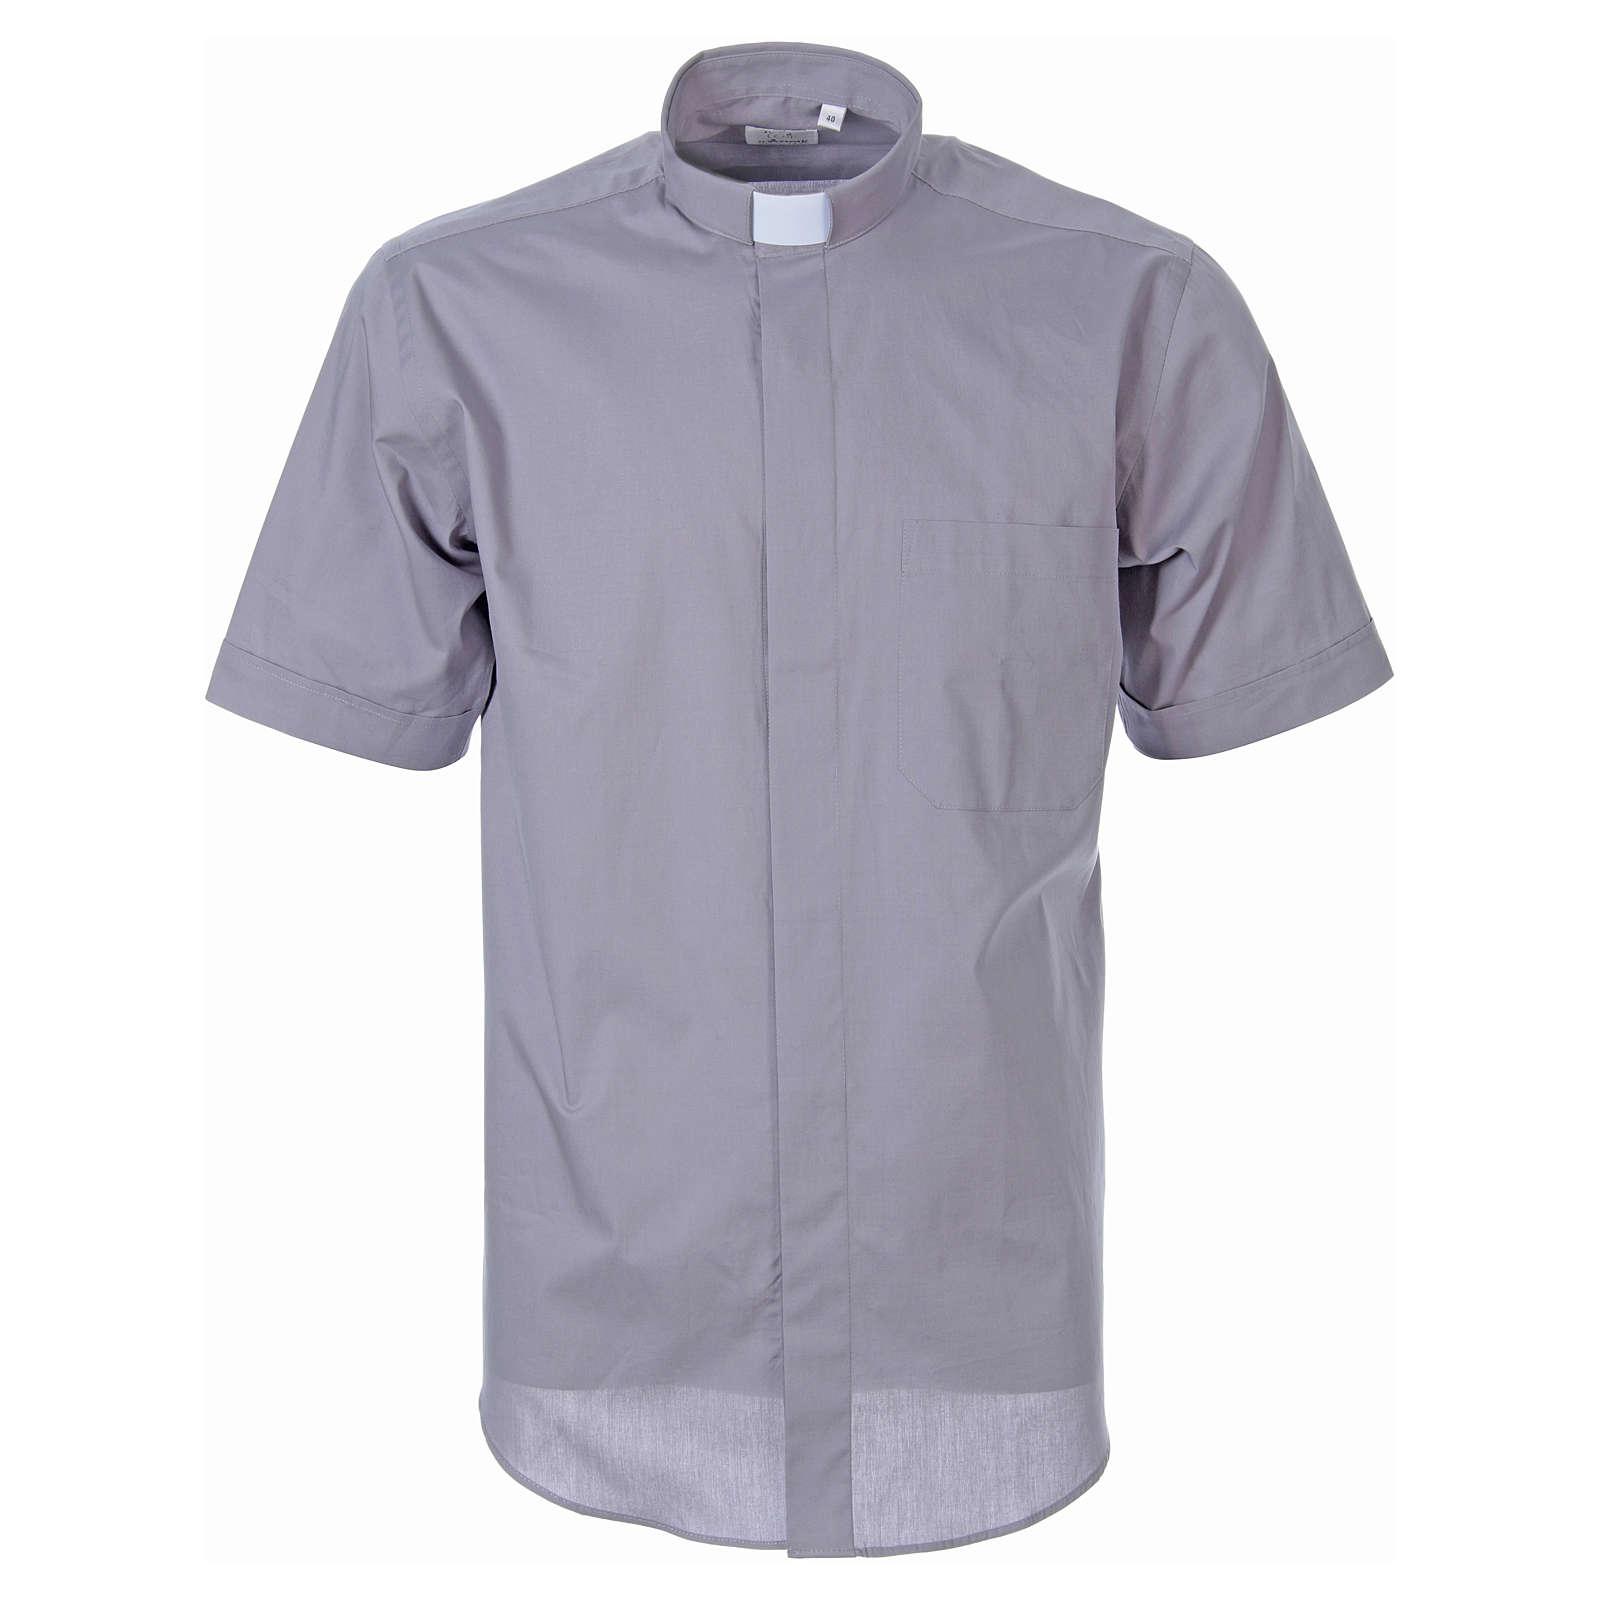 STOCK Camicia clergy manica corta popeline grigio chiaro 4